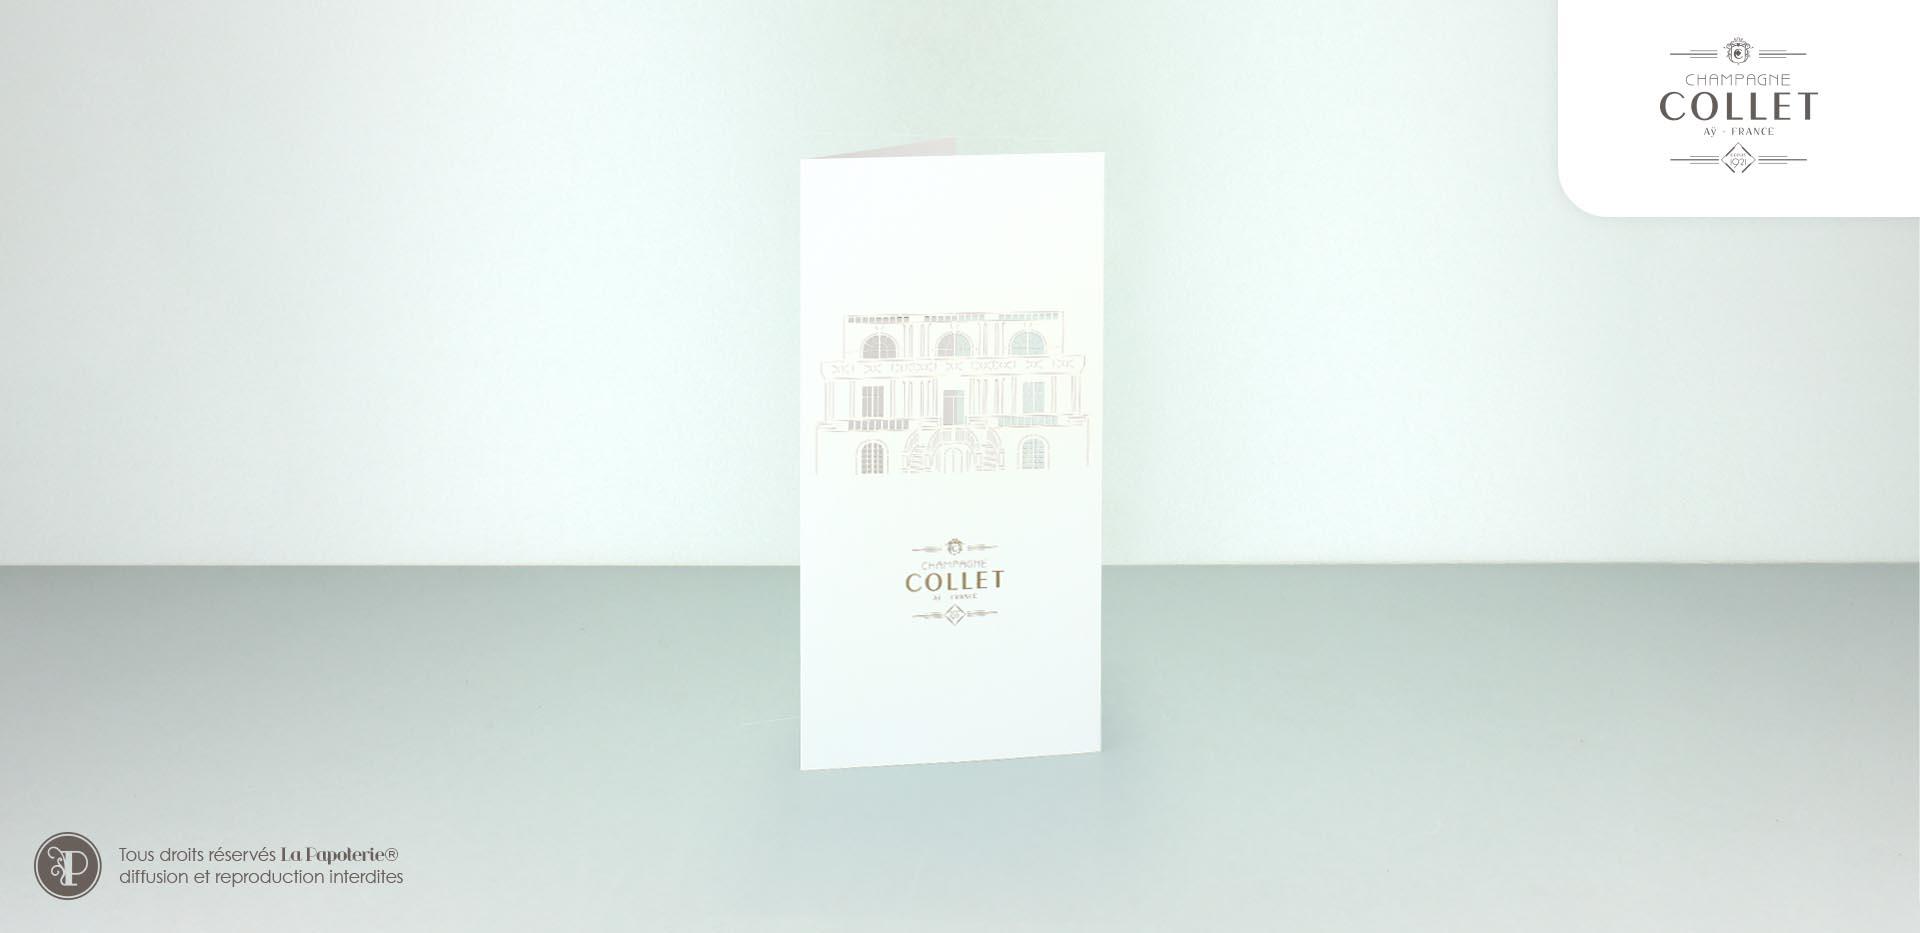 La Papoterie collet-voeux Carte de voeux Collet